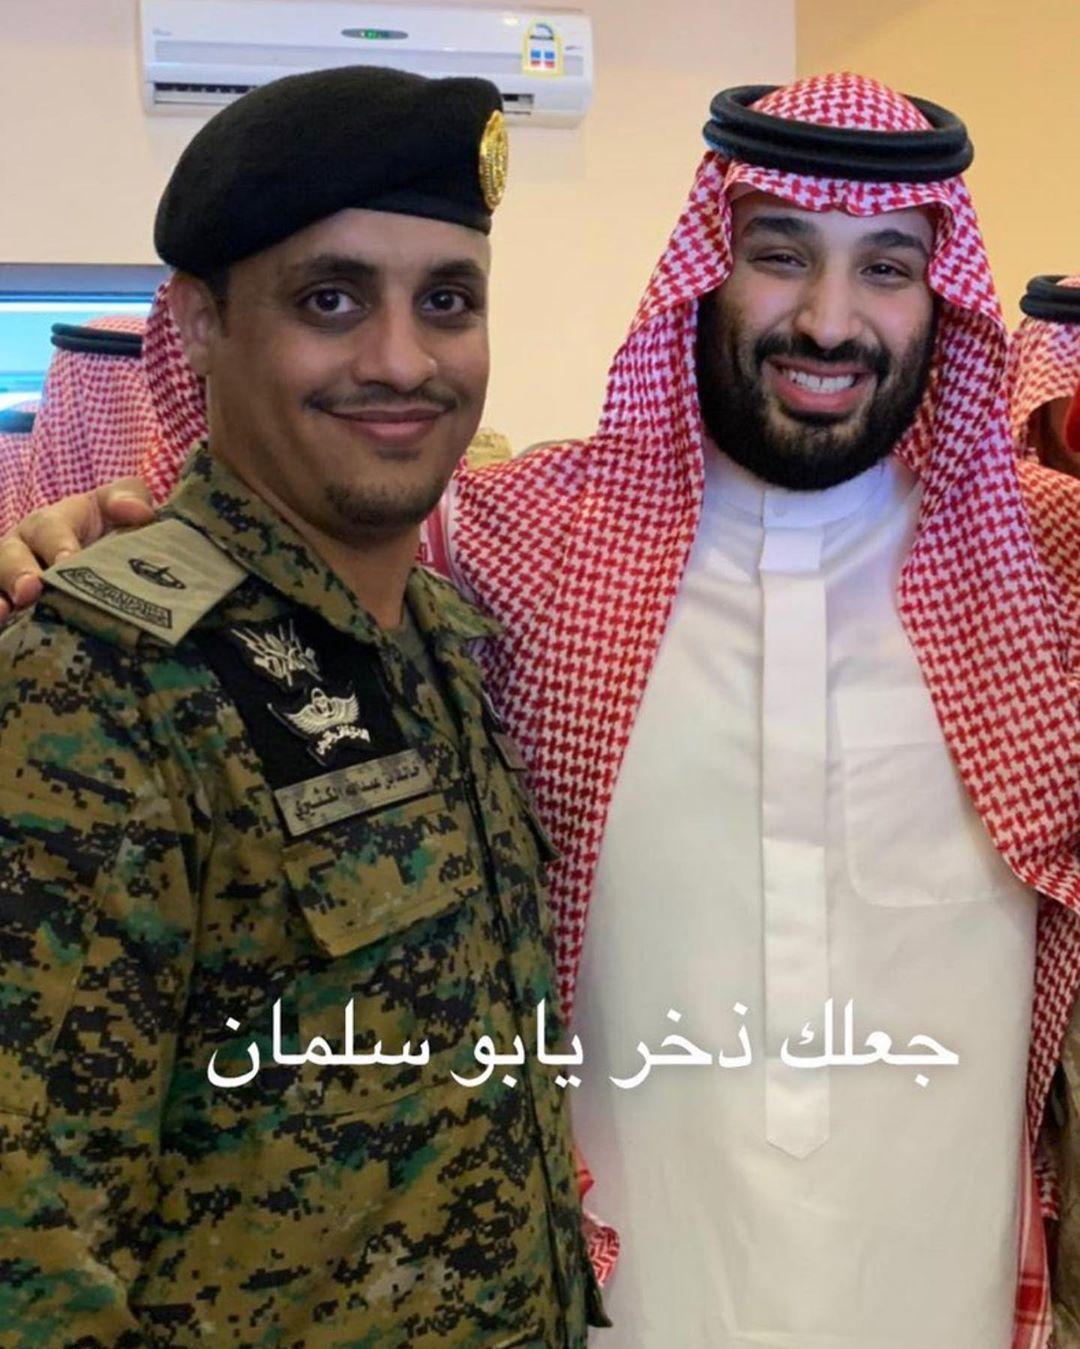 الله يطول في عمرك ياذرى شعبك In 2020 Sws